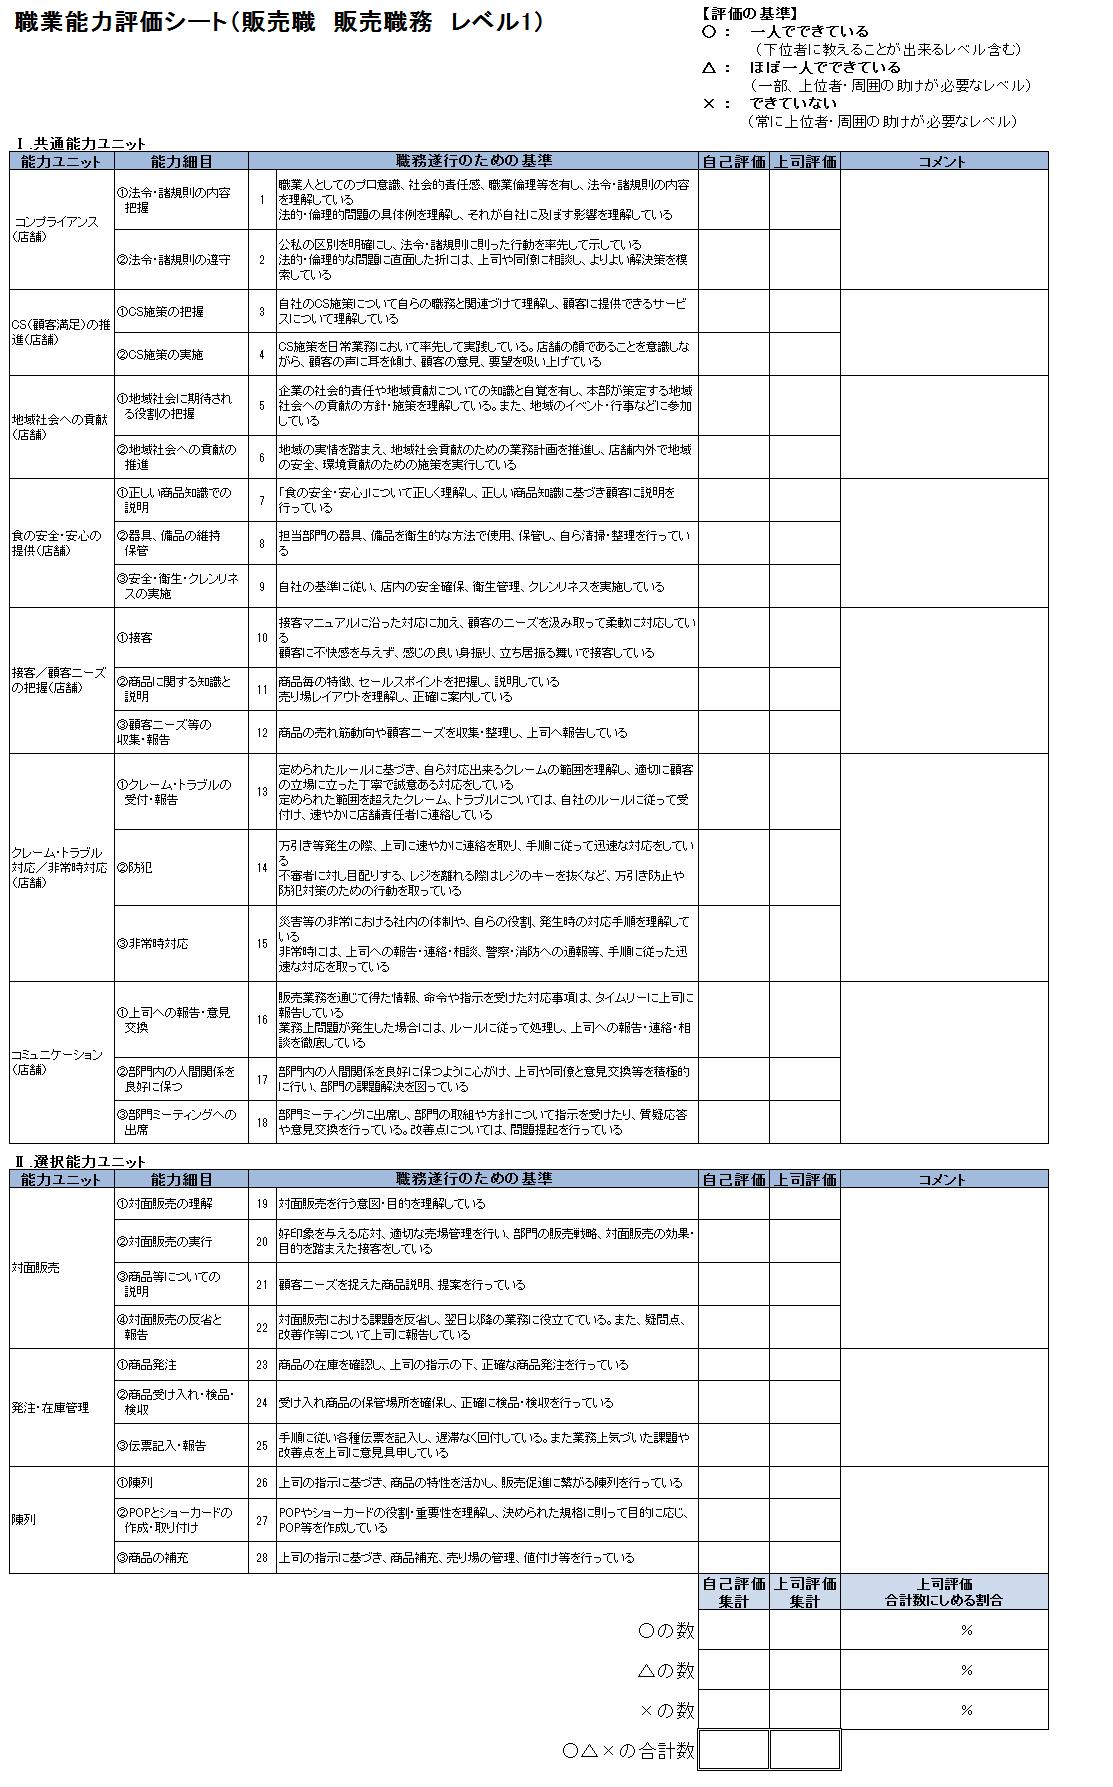 職業能力評価シート(販売職 販売職務 レベル1)